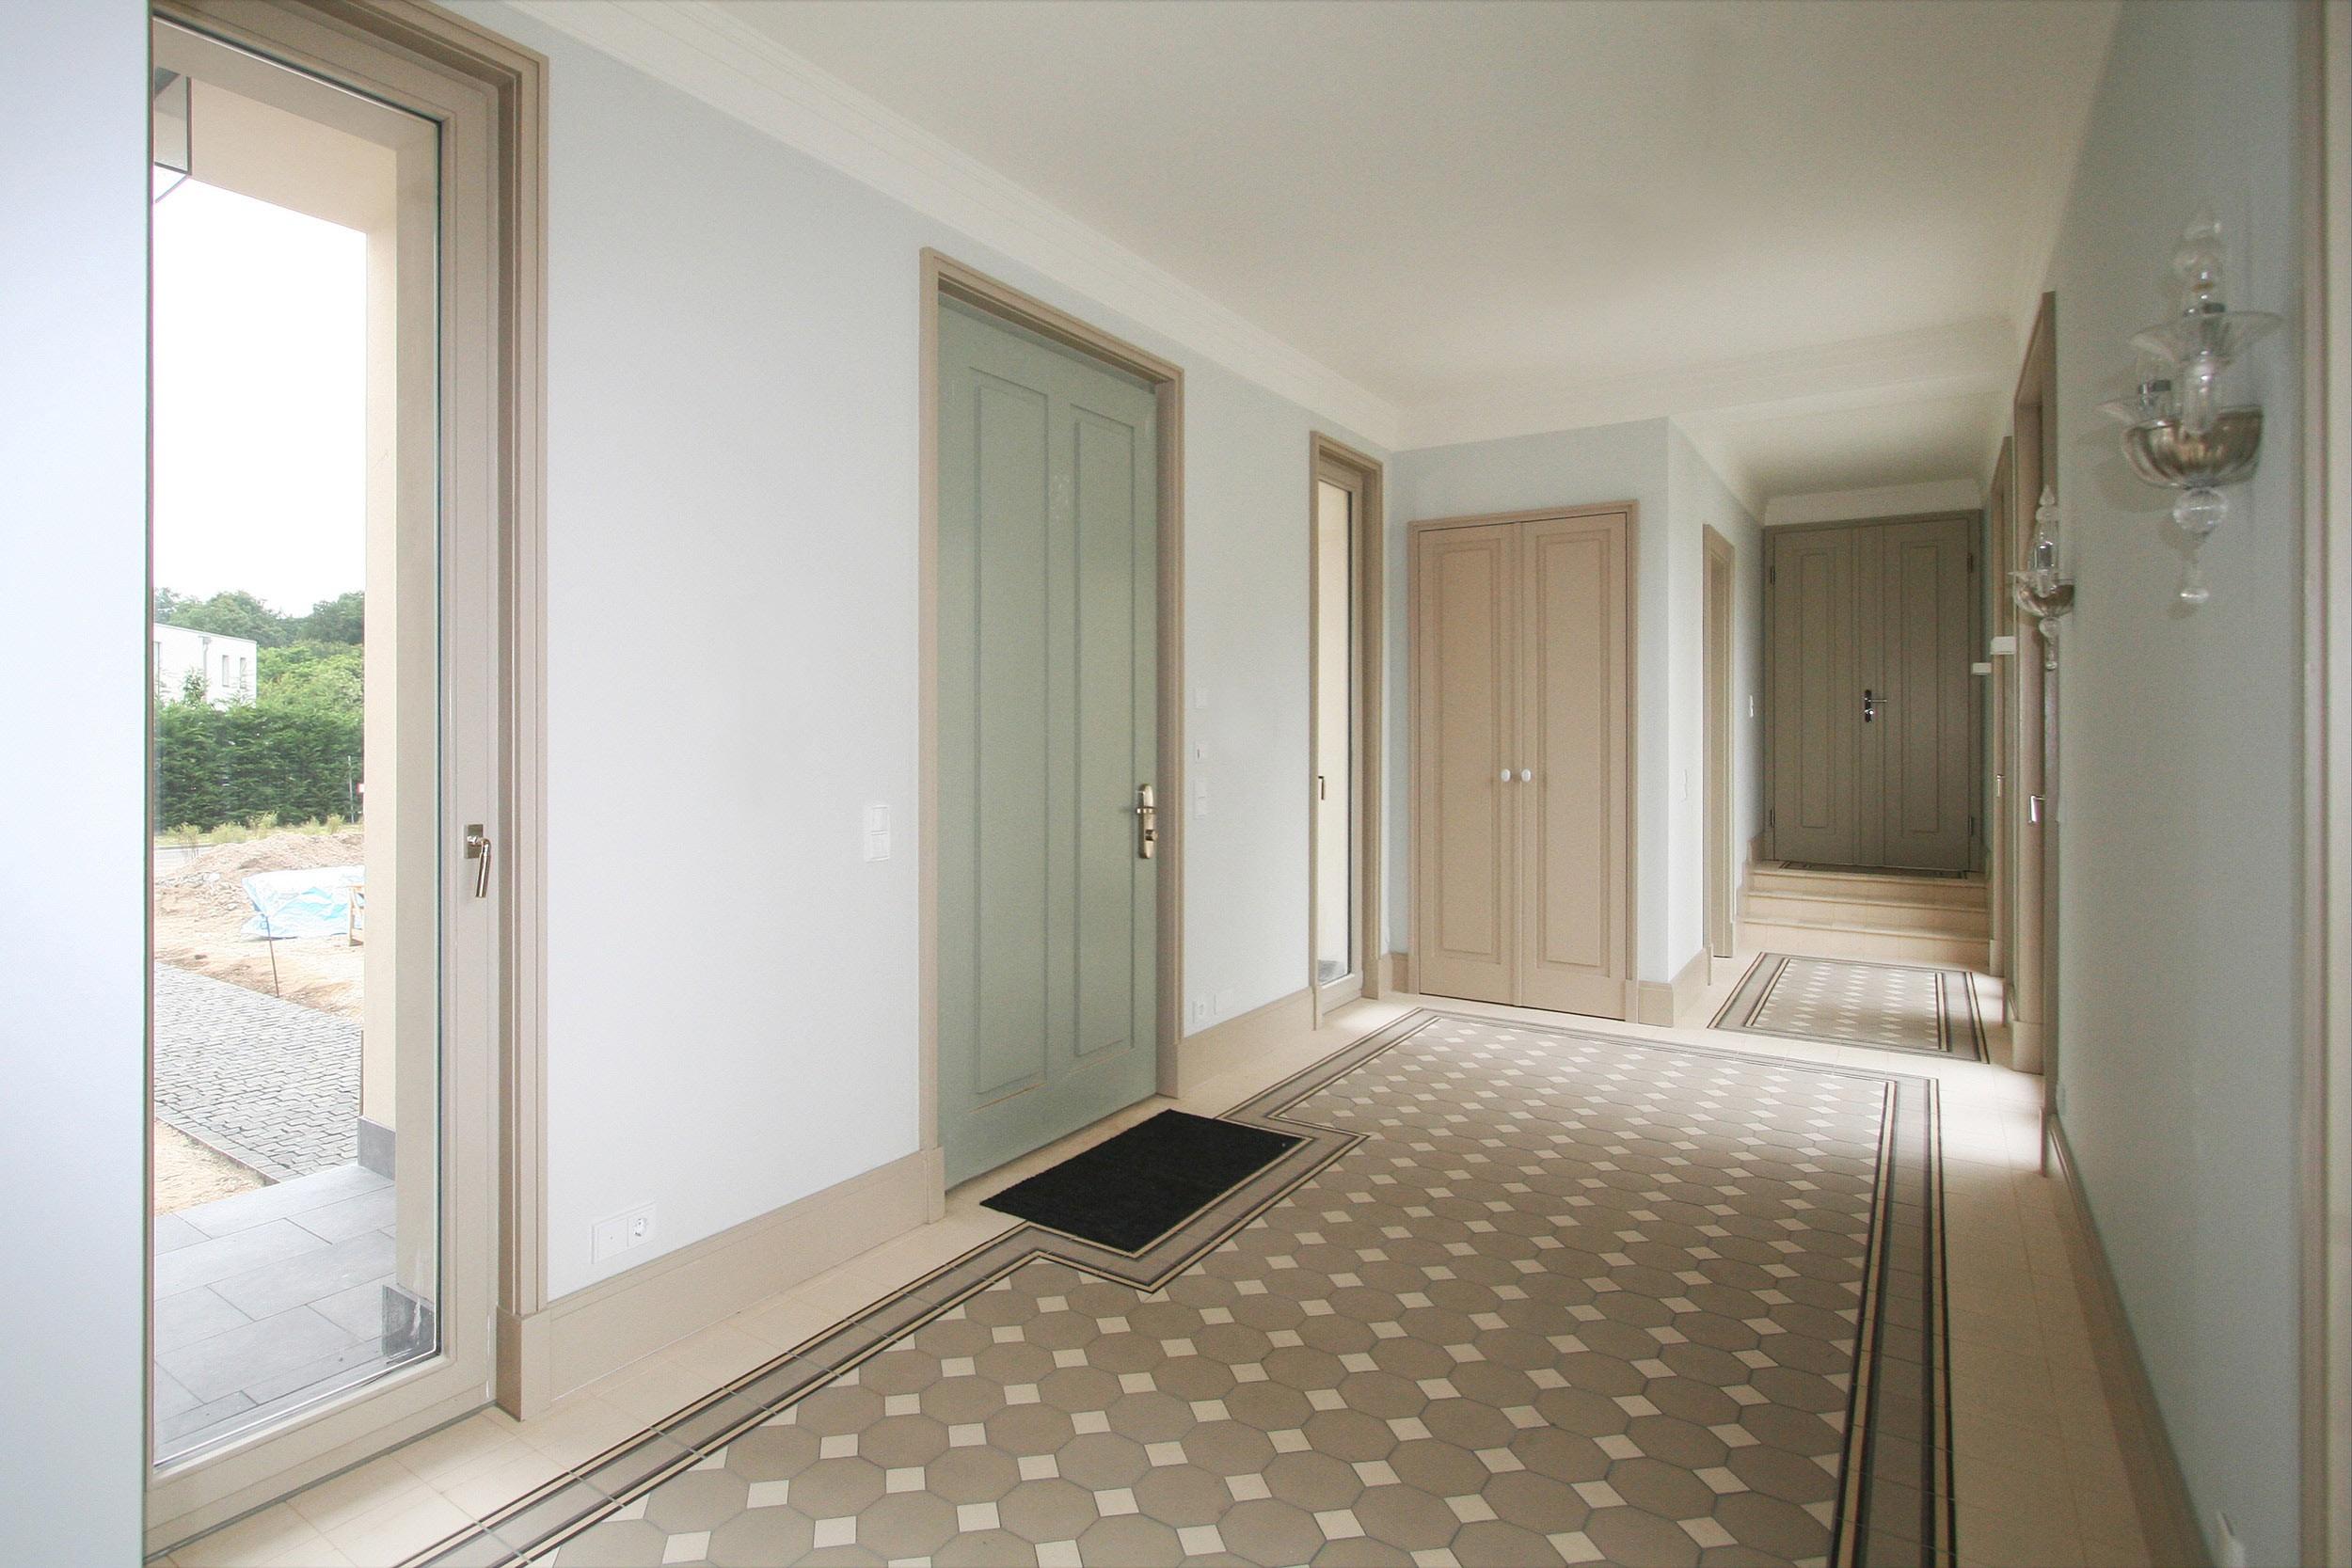 KLASSIK UND TRADITION - Neubau klassizistische Villa - Das Vestibül mit Wandschränken und Fenstergewänden aus Holz.